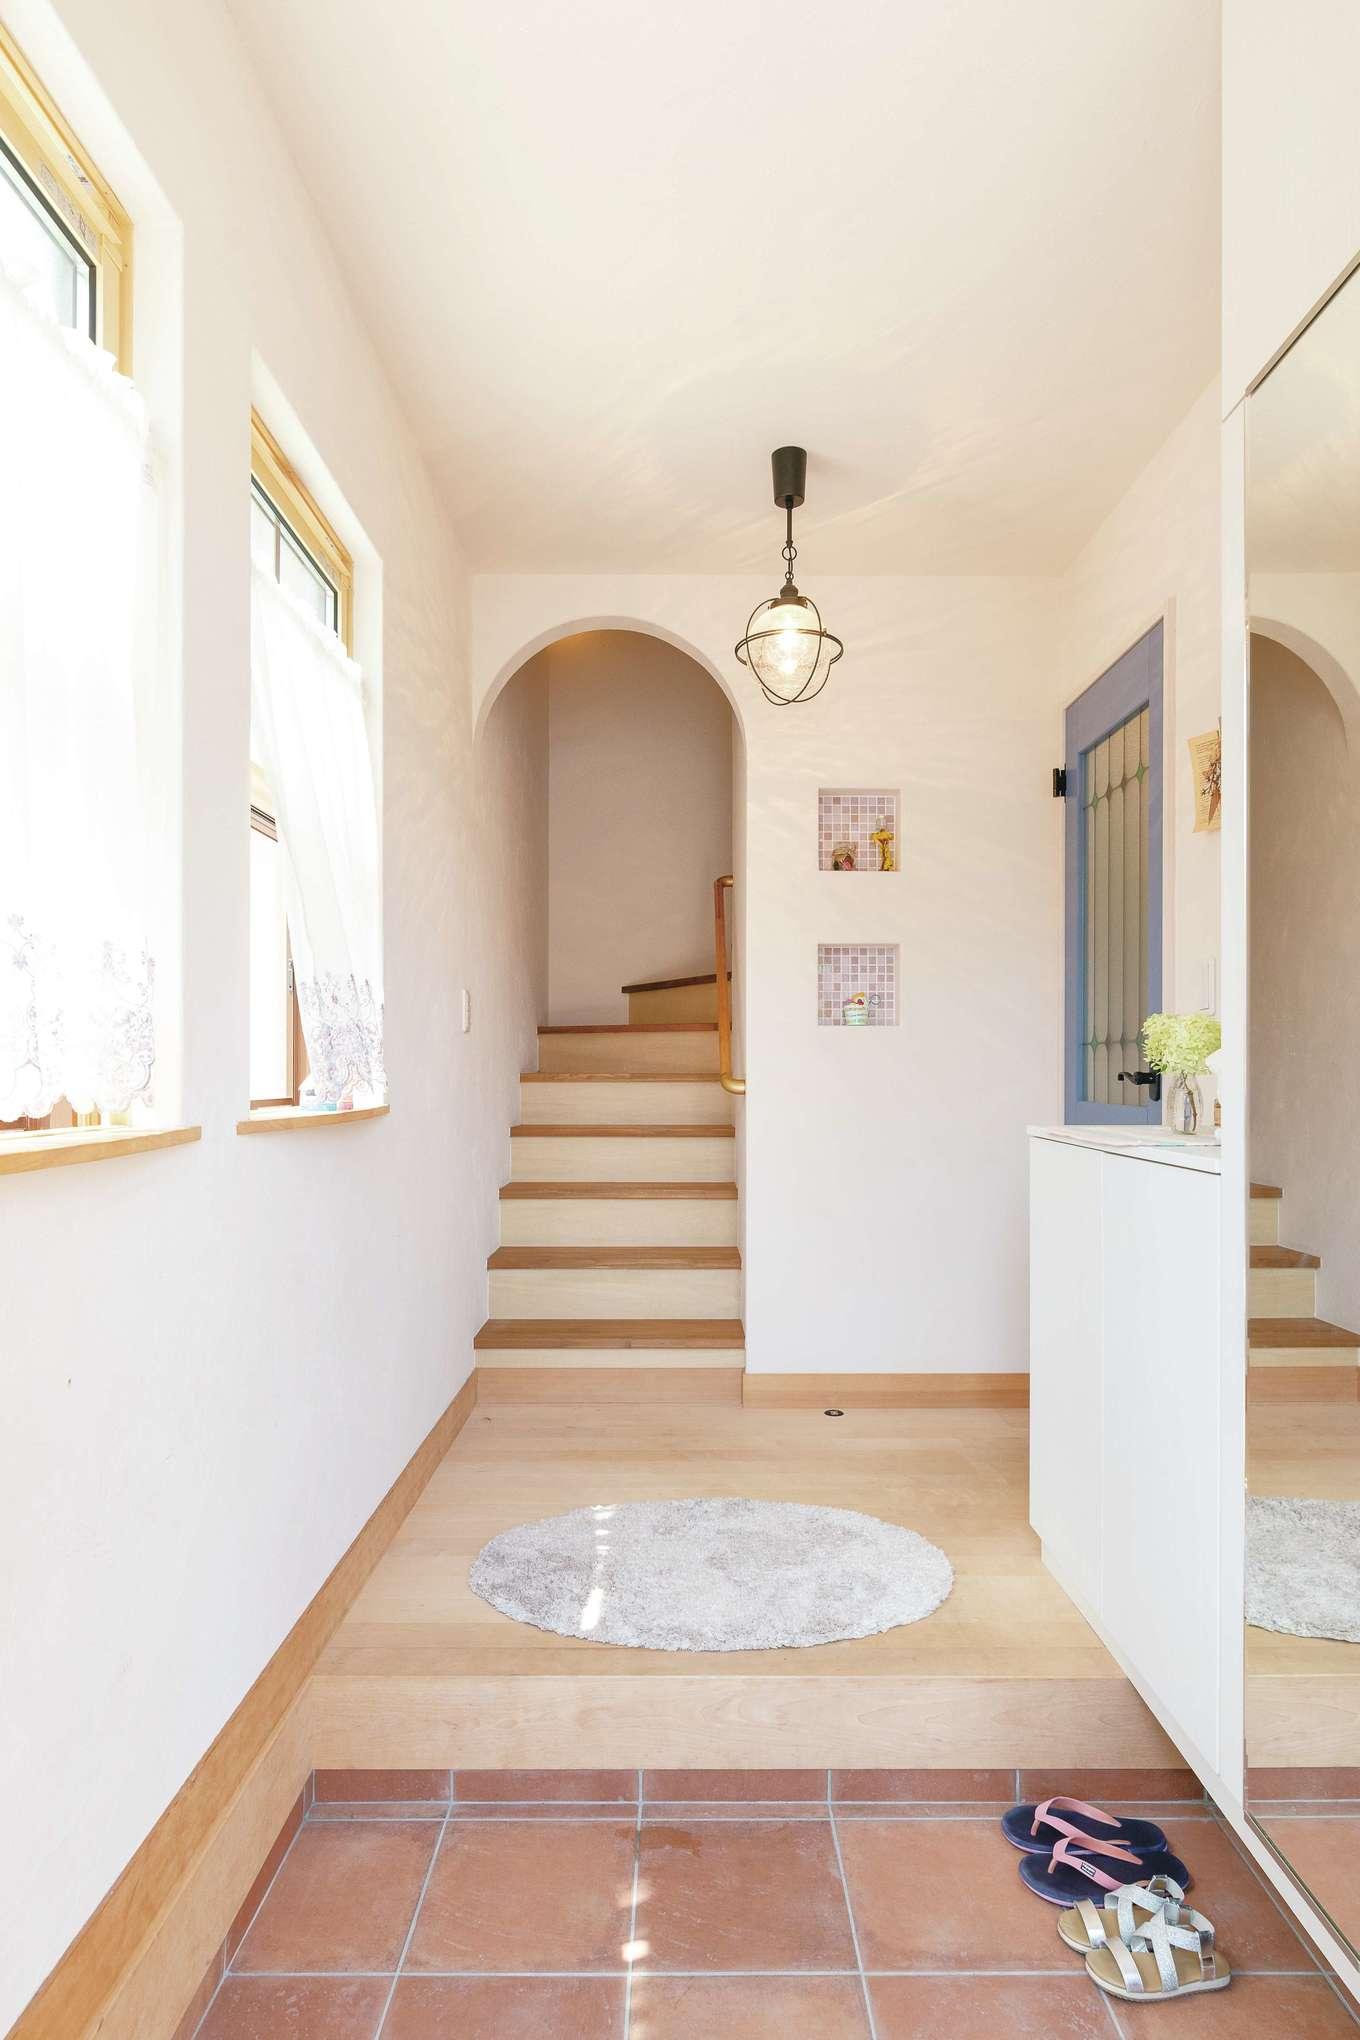 Dサポート【趣味、自然素材、ガレージ】アールの垂れ壁やニッチが温かみを添える玄関